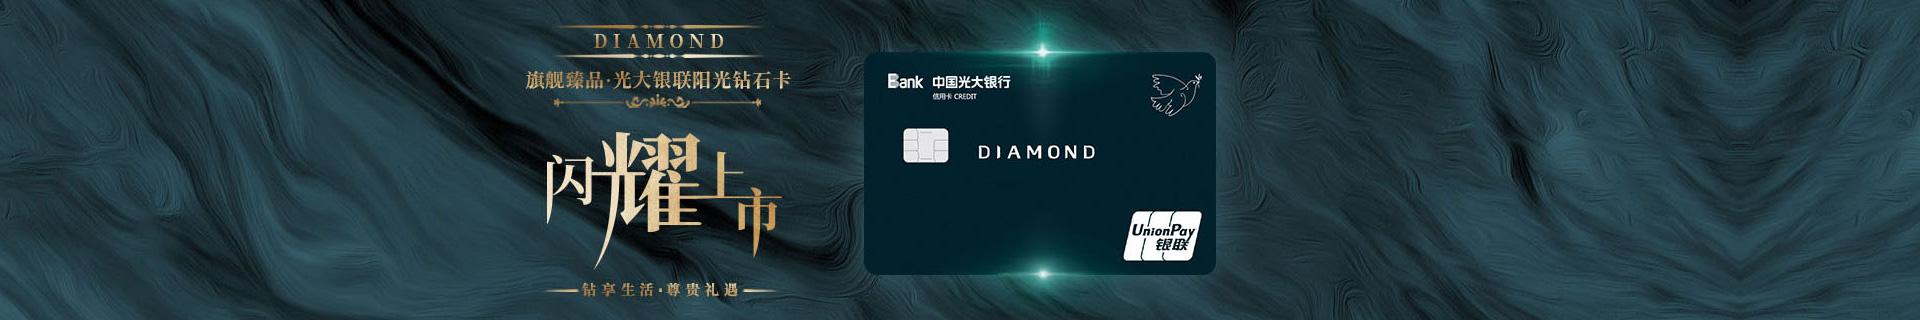 光大银行阳光钻石信用卡